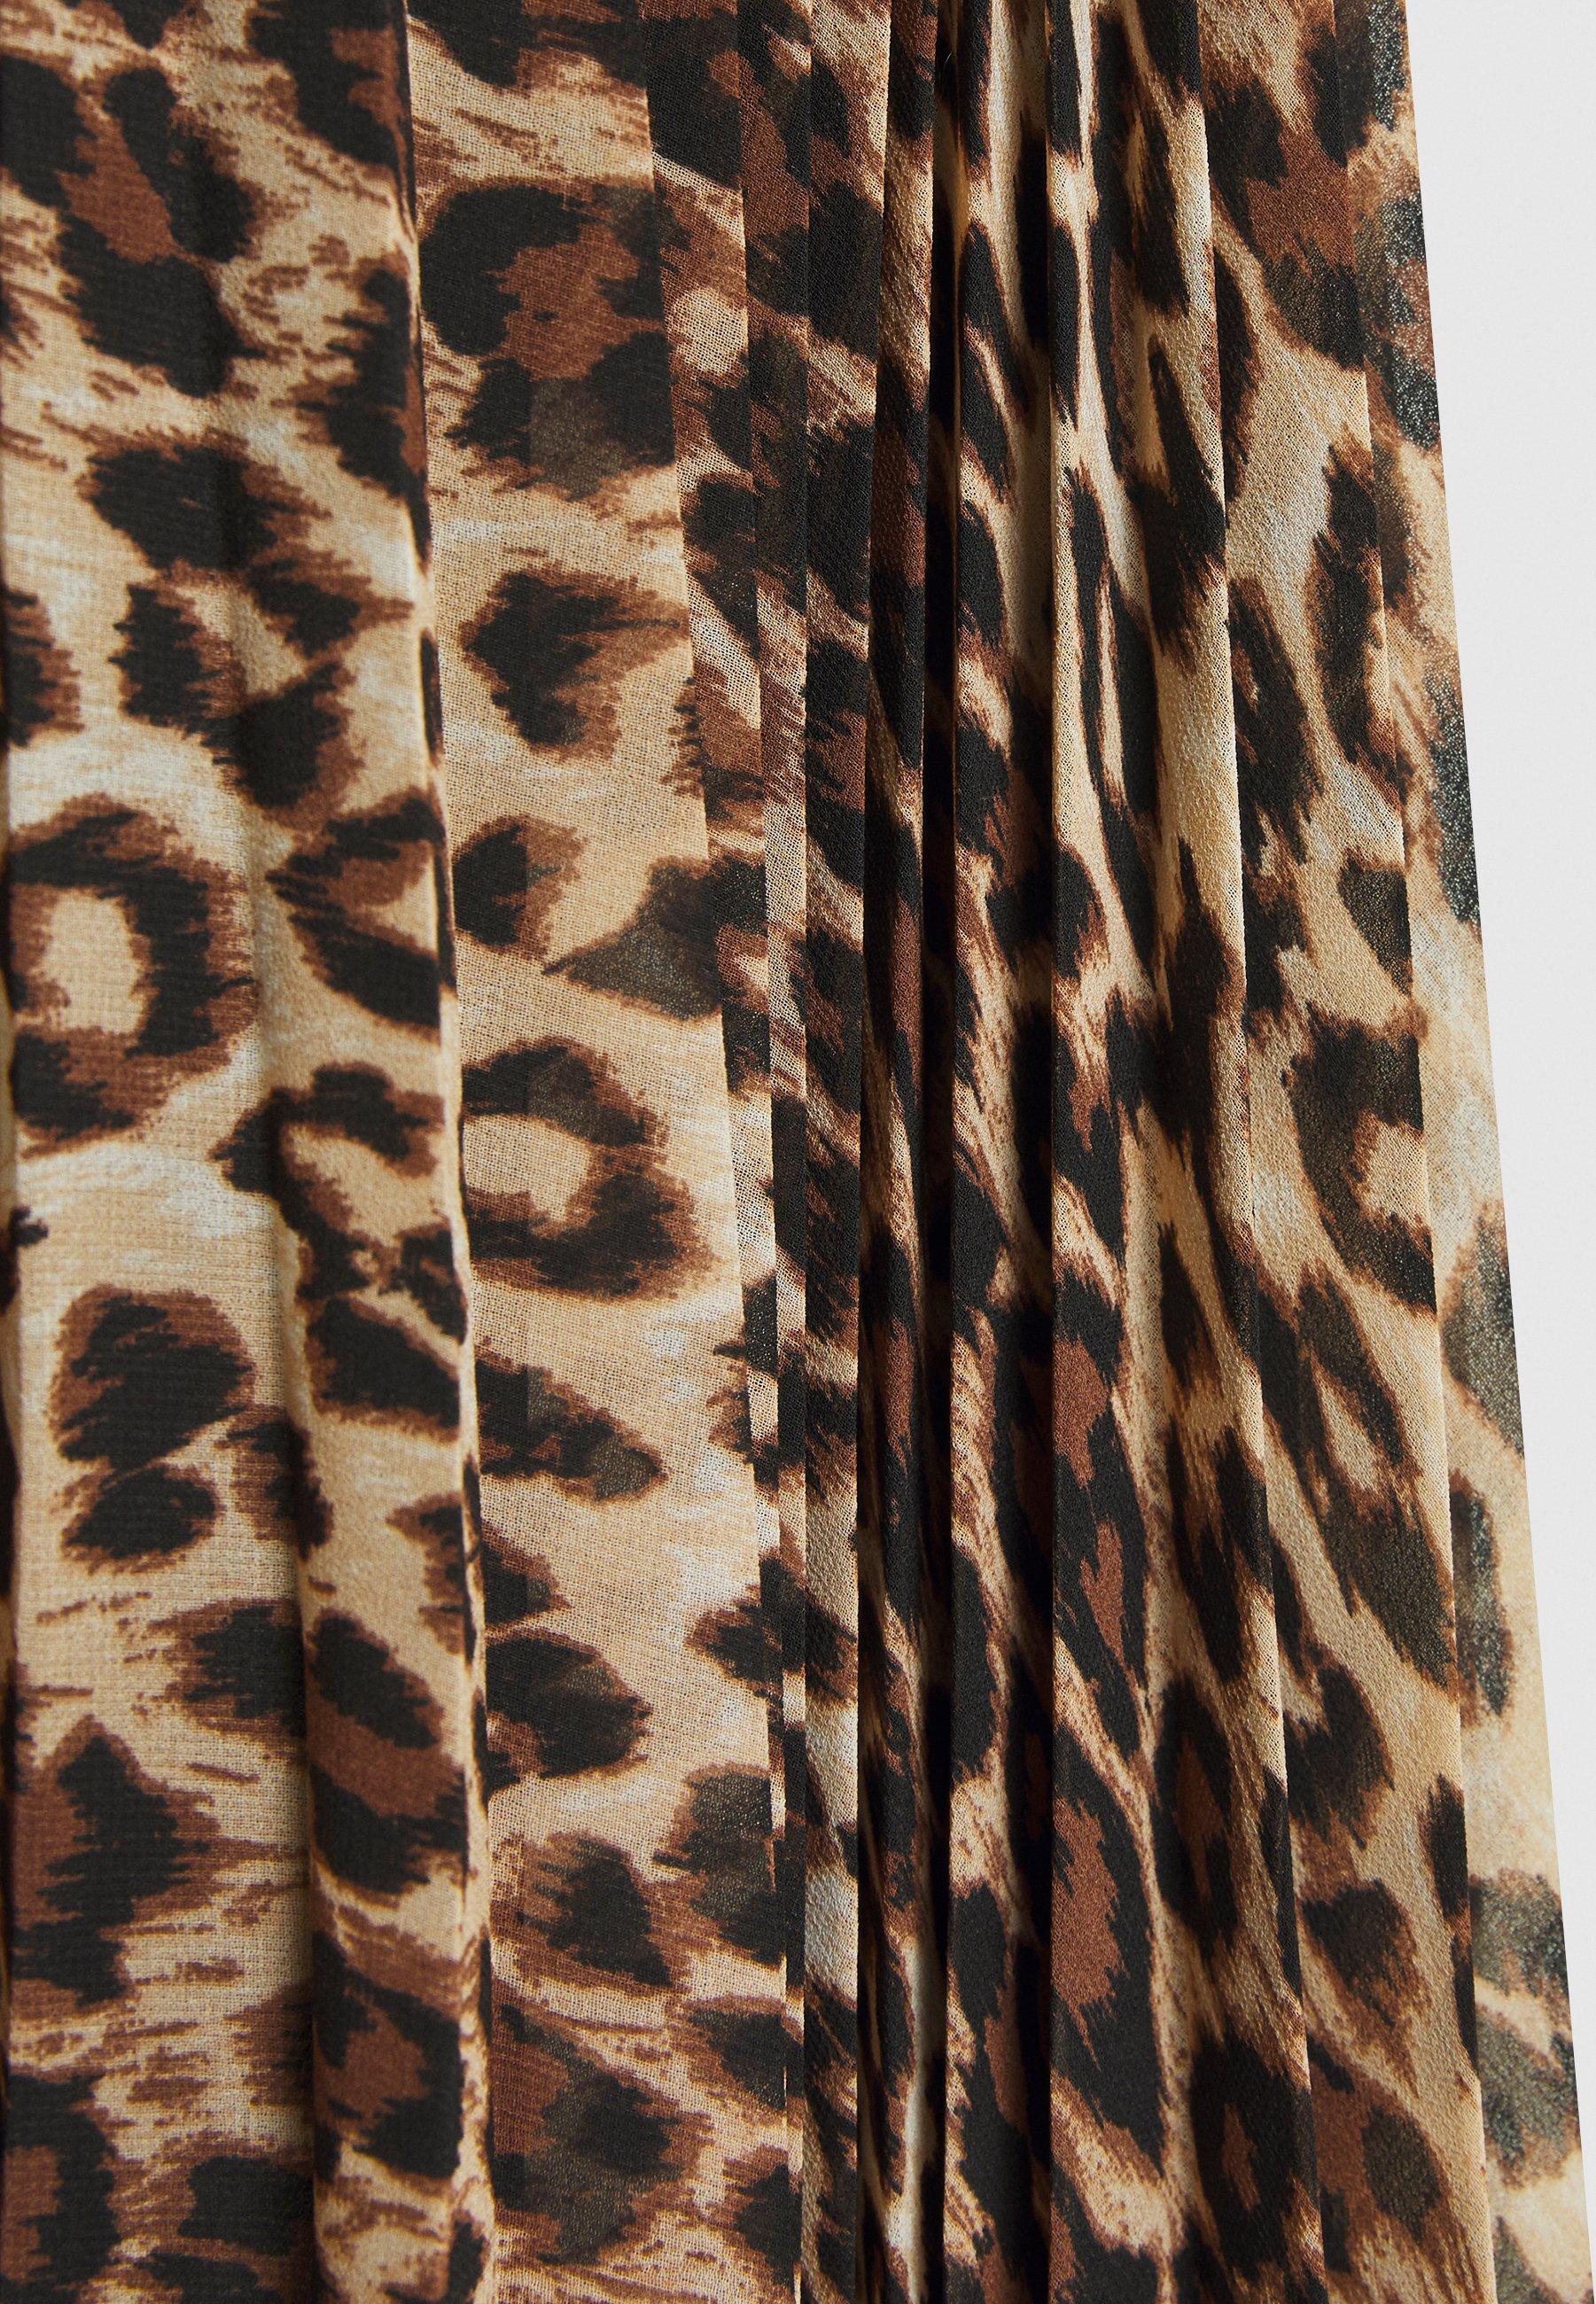 Discount Online Women's Clothing Second Female CELLO SKIRT A-line skirt cafe au lait 5du3AX8GV iGfDkvY2I